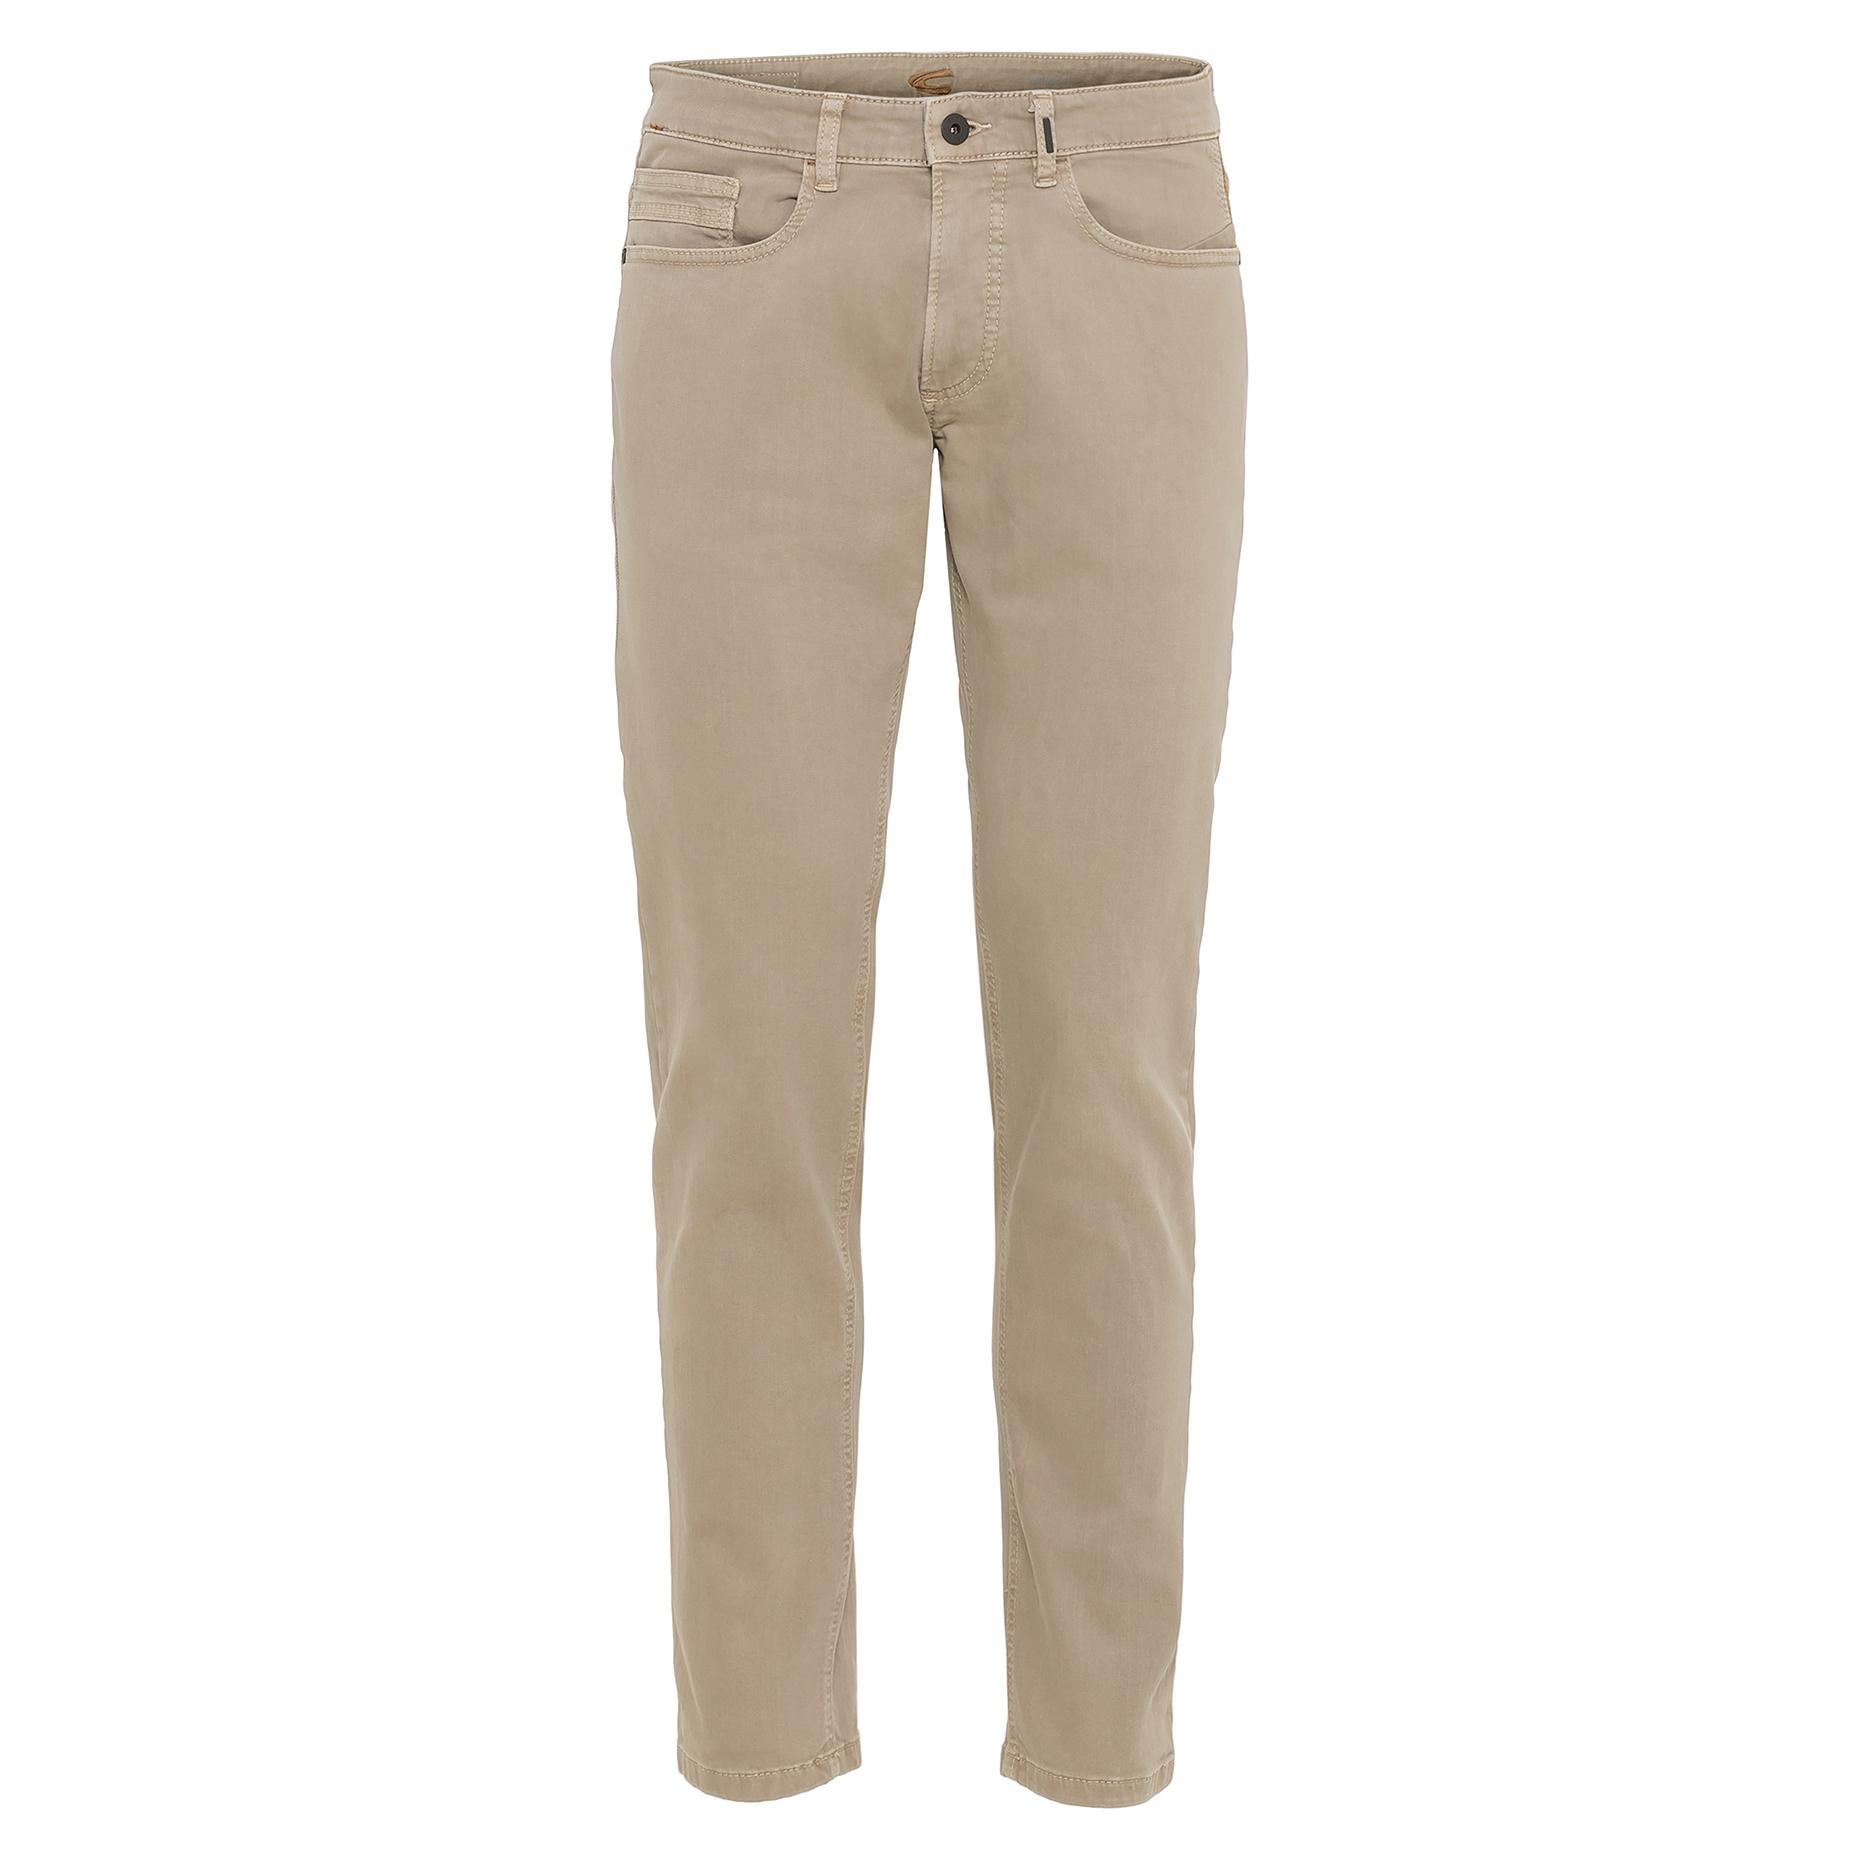 Camel active Jeans Hose beige Flexxxactive Madison 5951488885 20